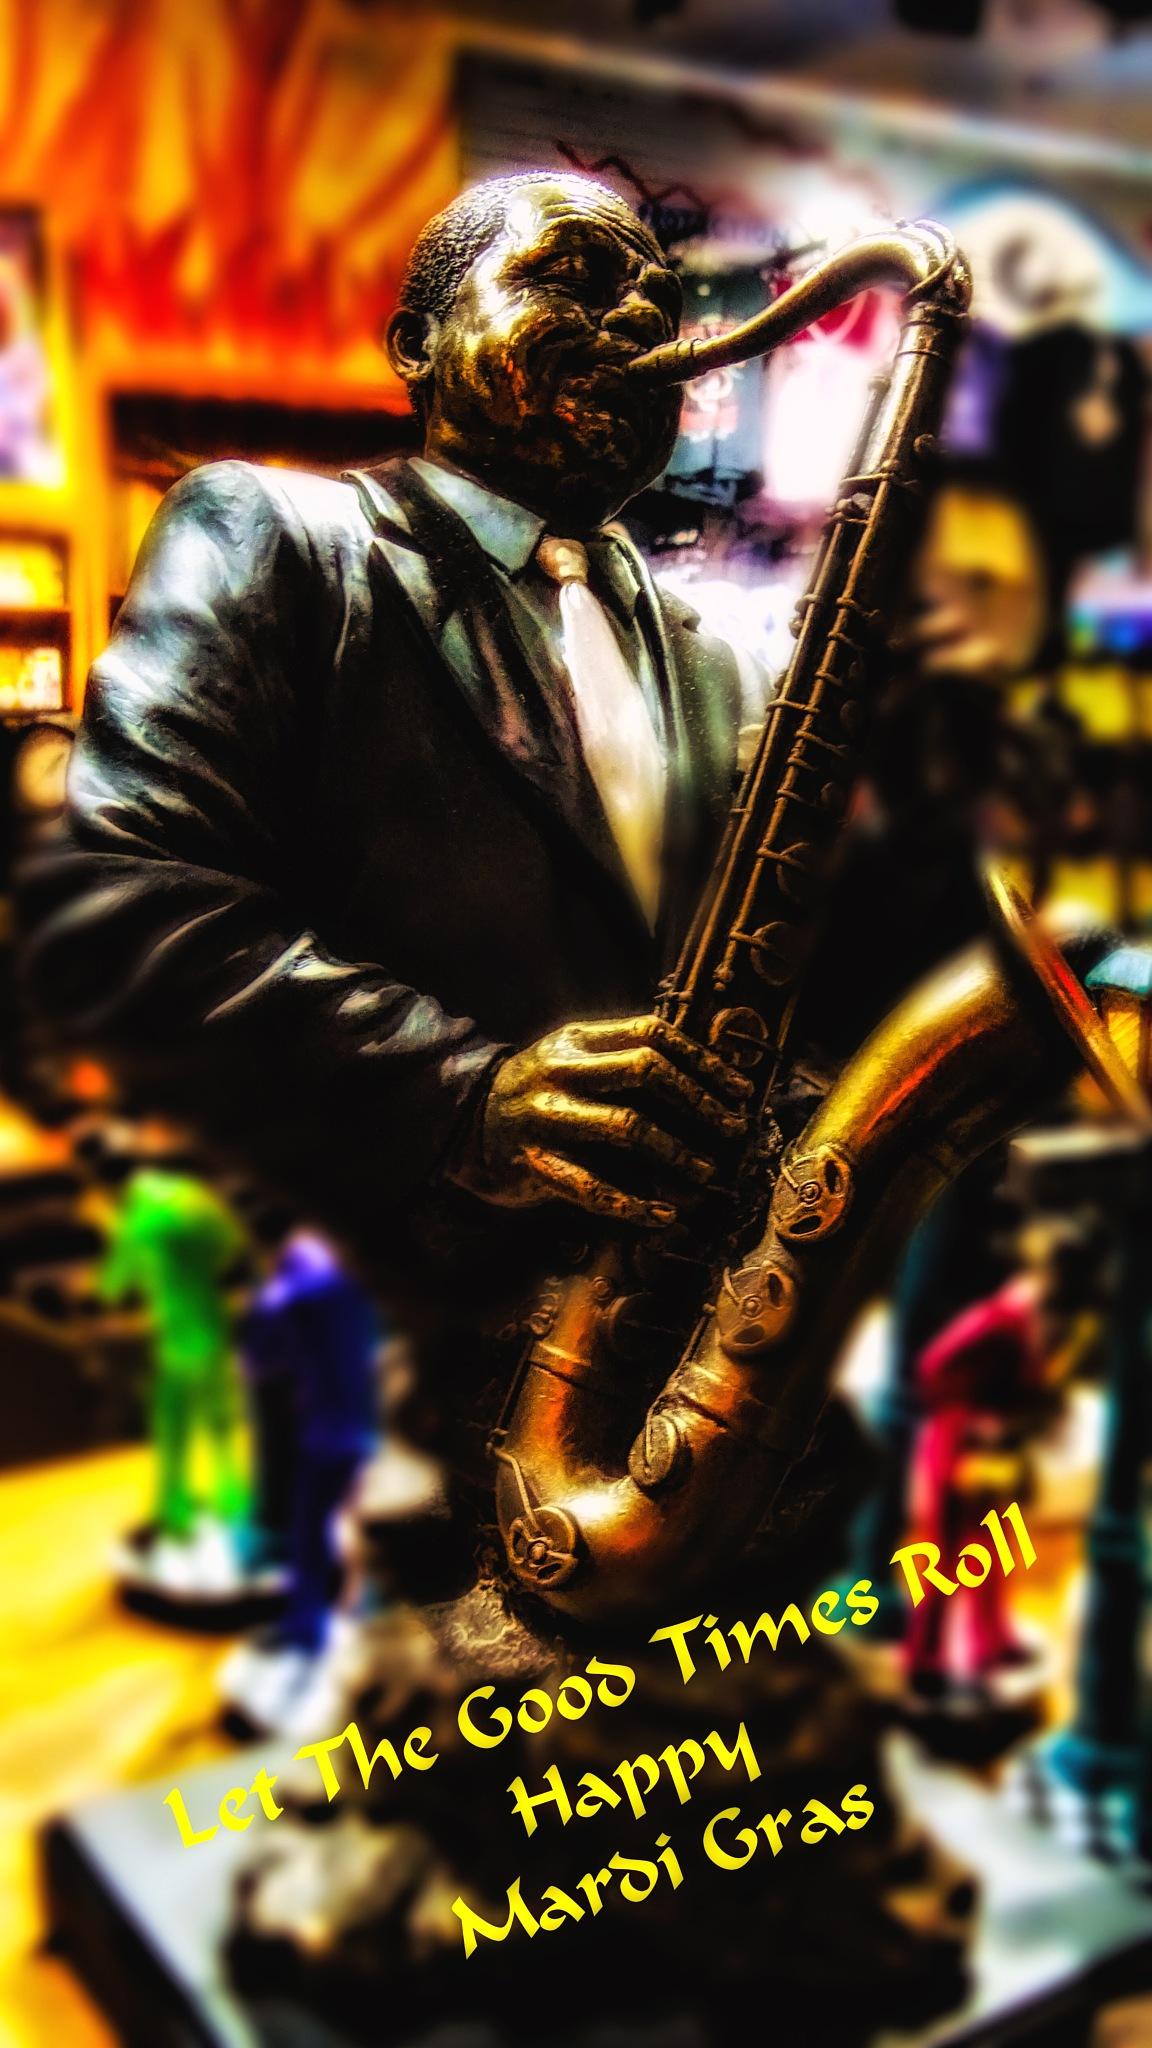 Sax Man by David Walters